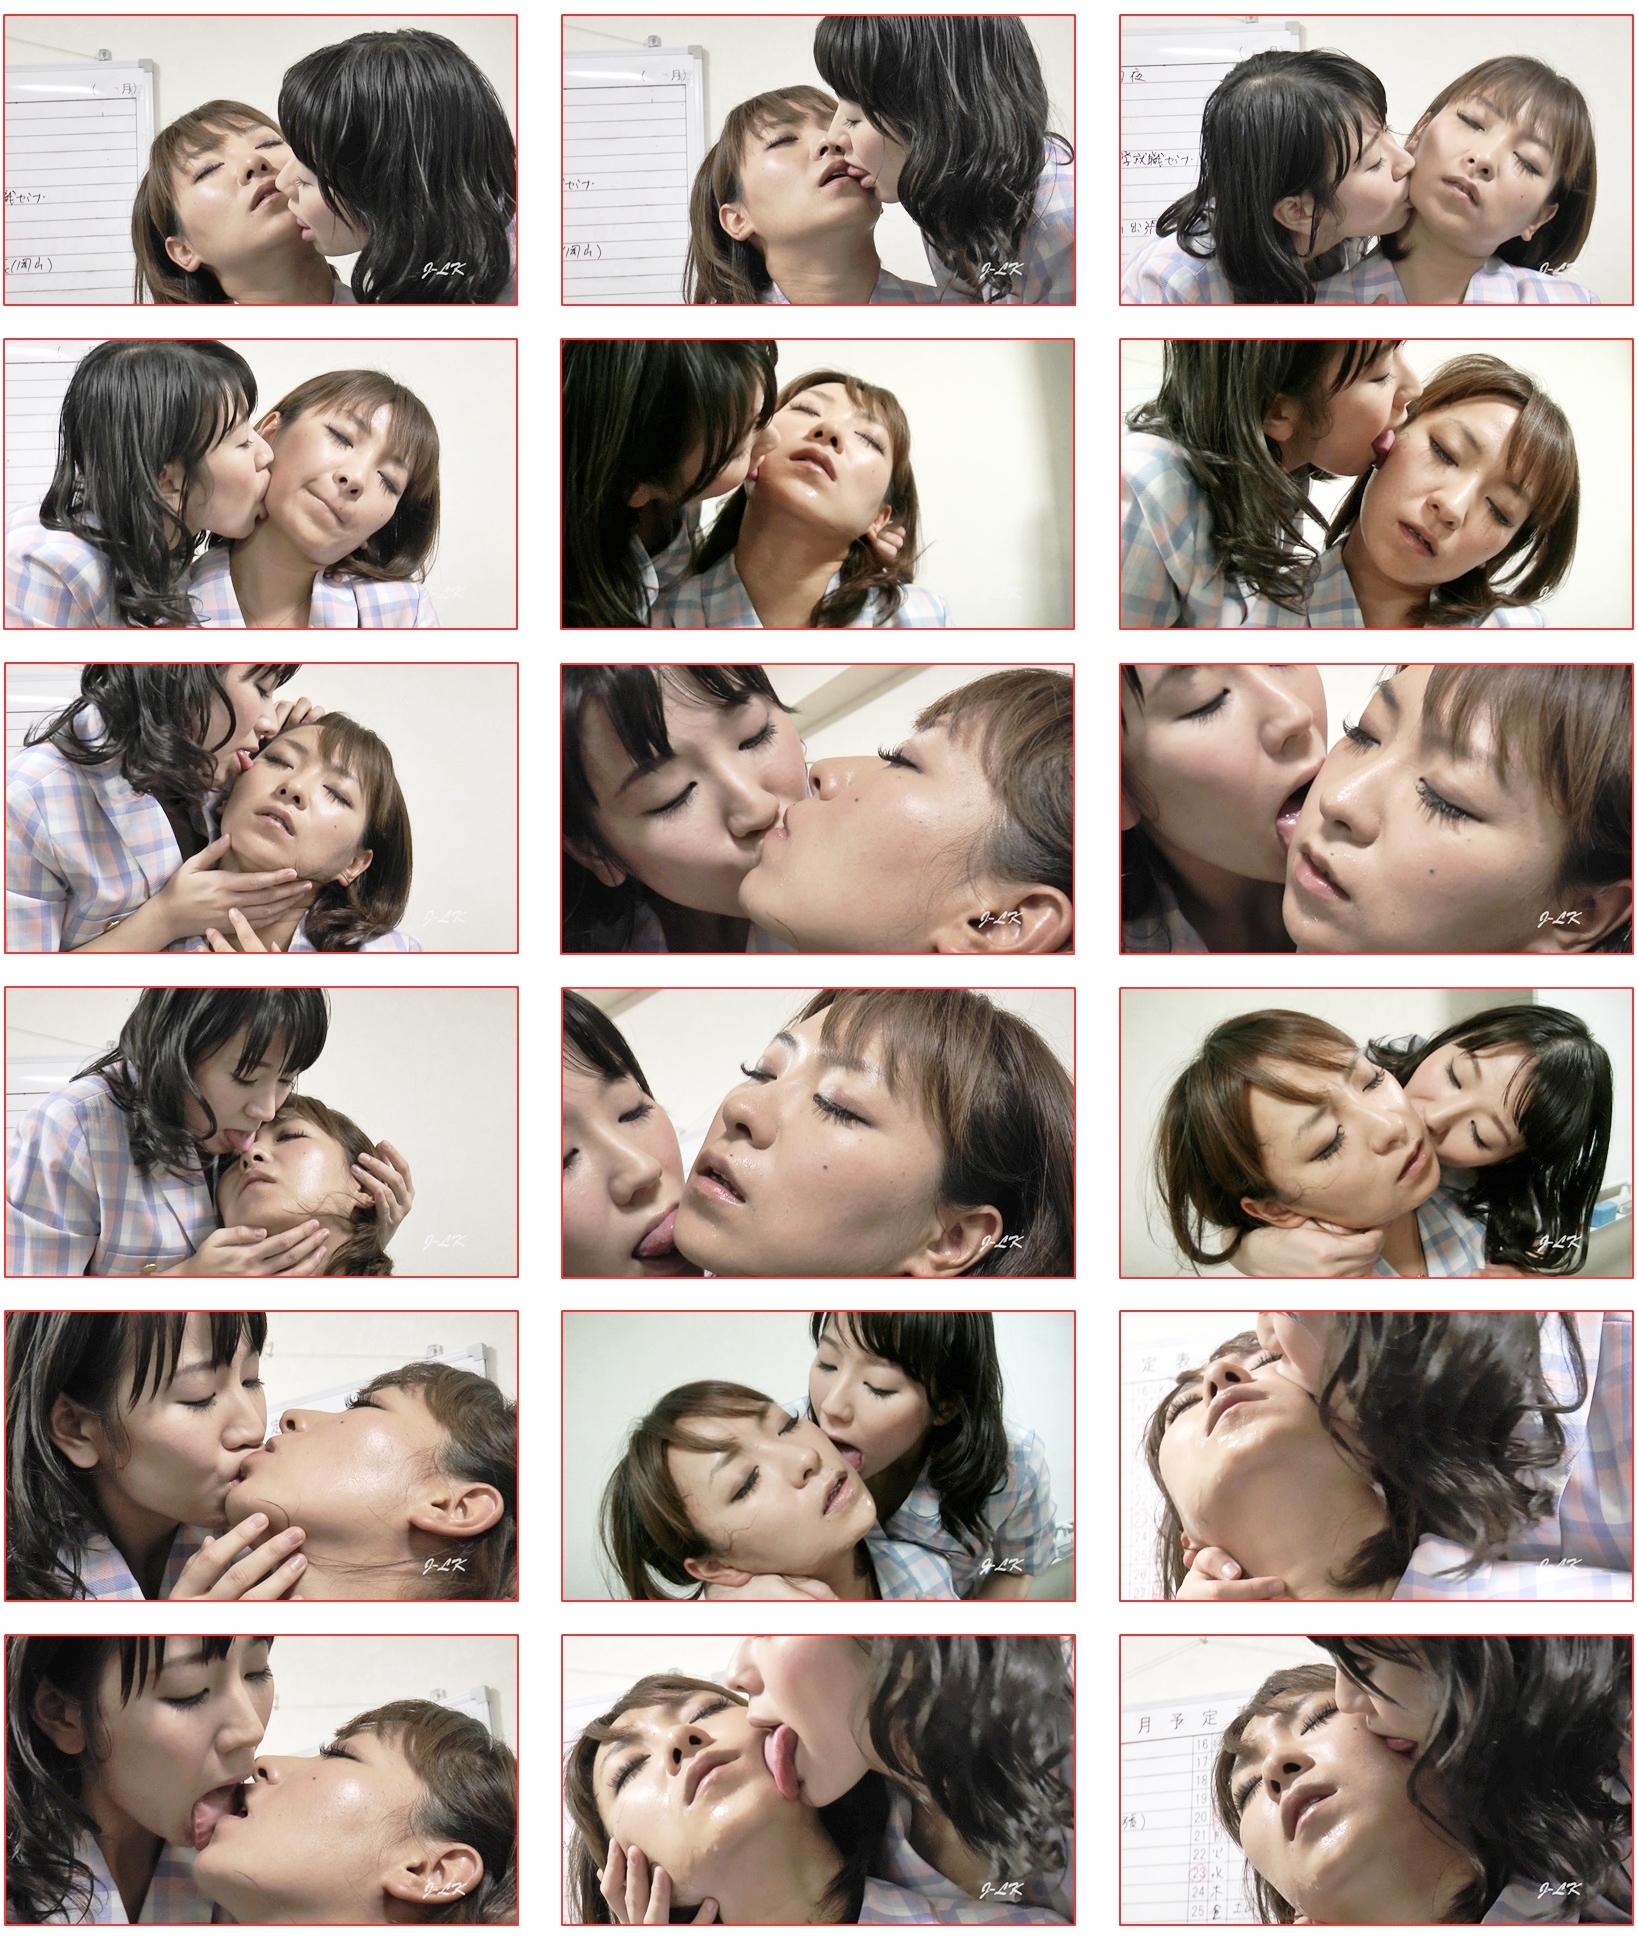 レズ接吻2